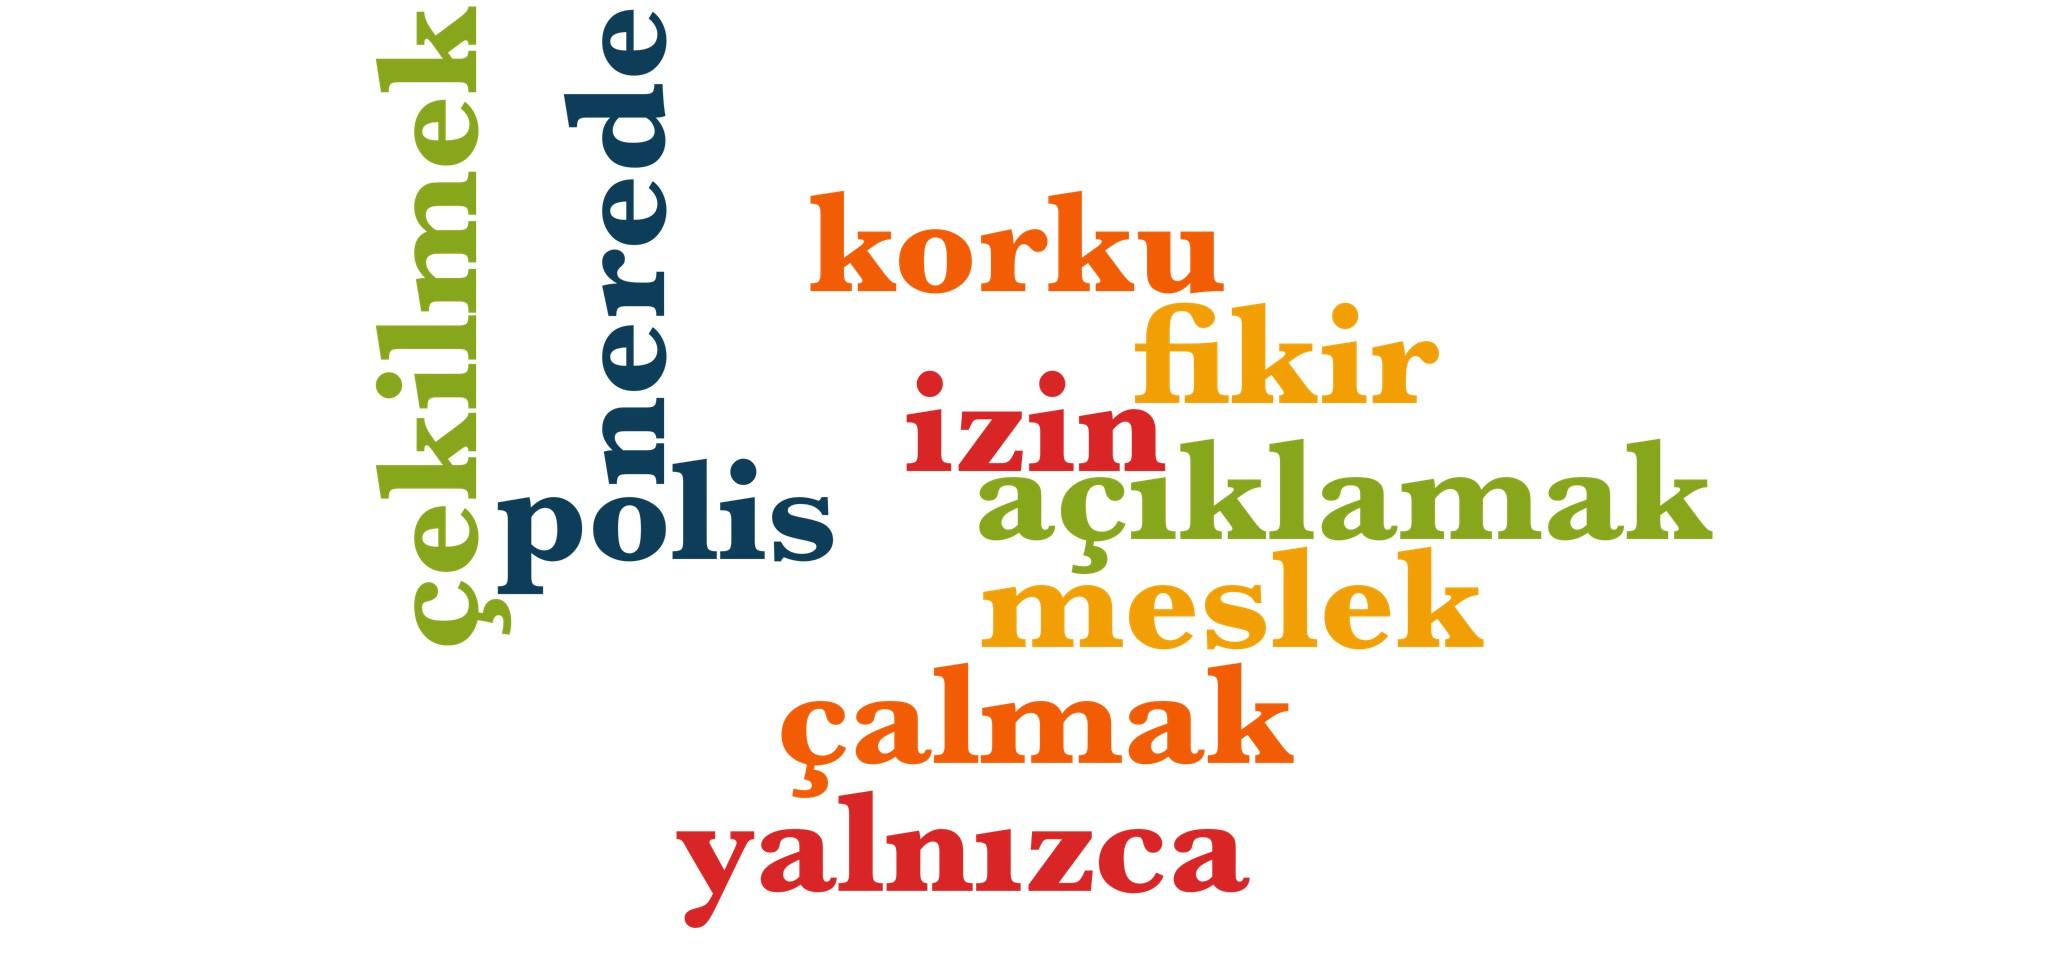 Wörter 561 bis 570 der 1000 häufigsten Wörter der türkischen Sprache